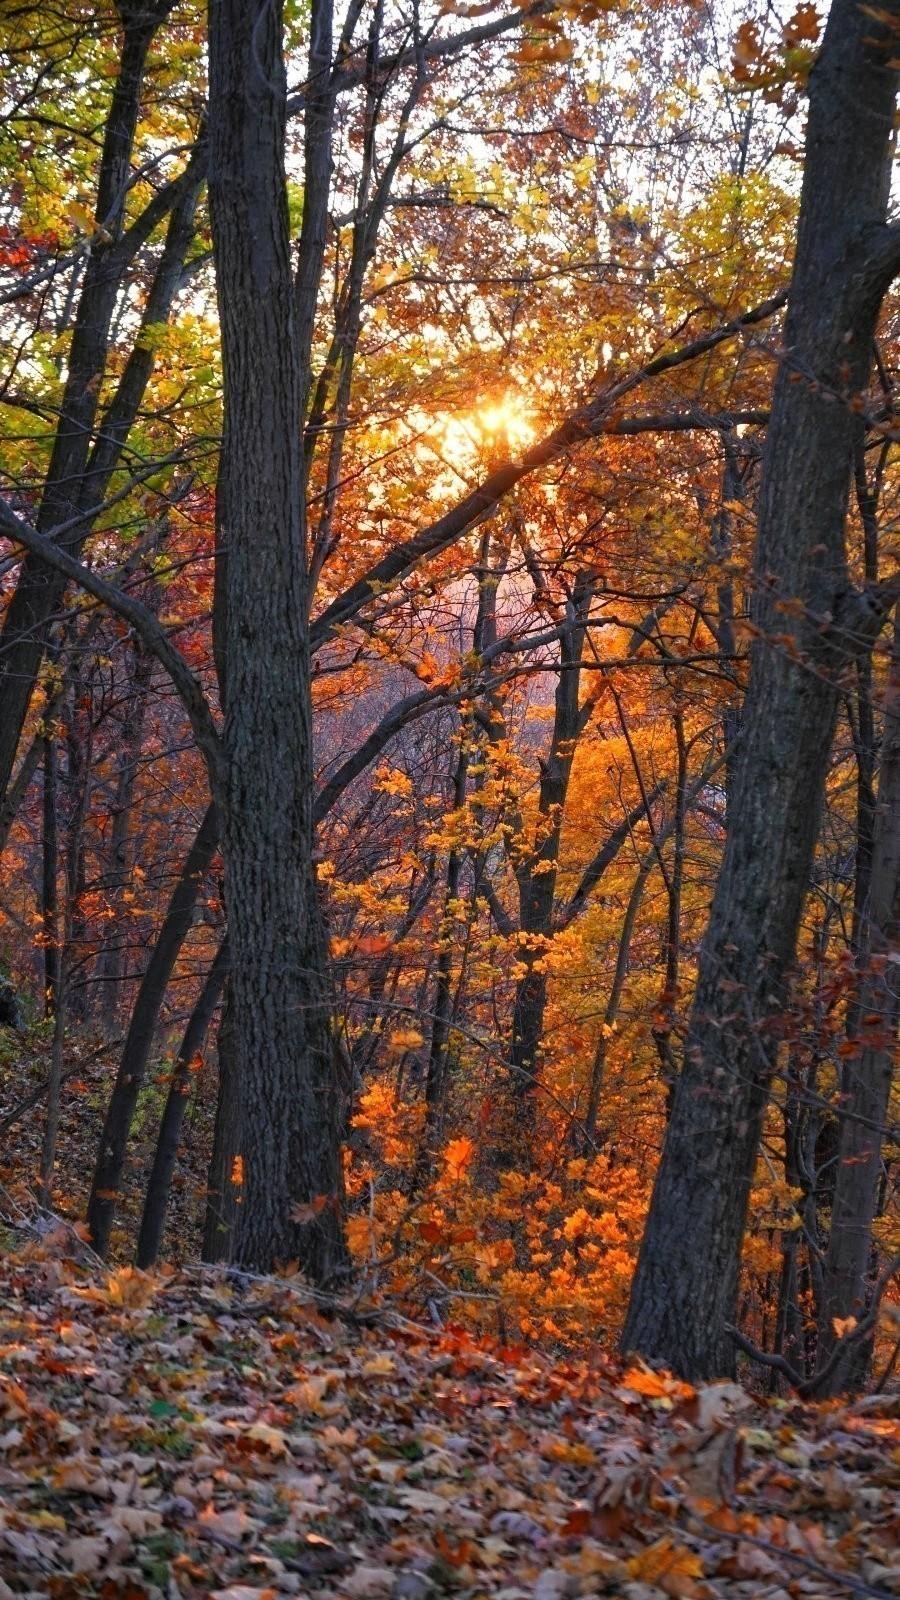 LX100 Oakwood luminous leaves sunset 031_DxO.jpg